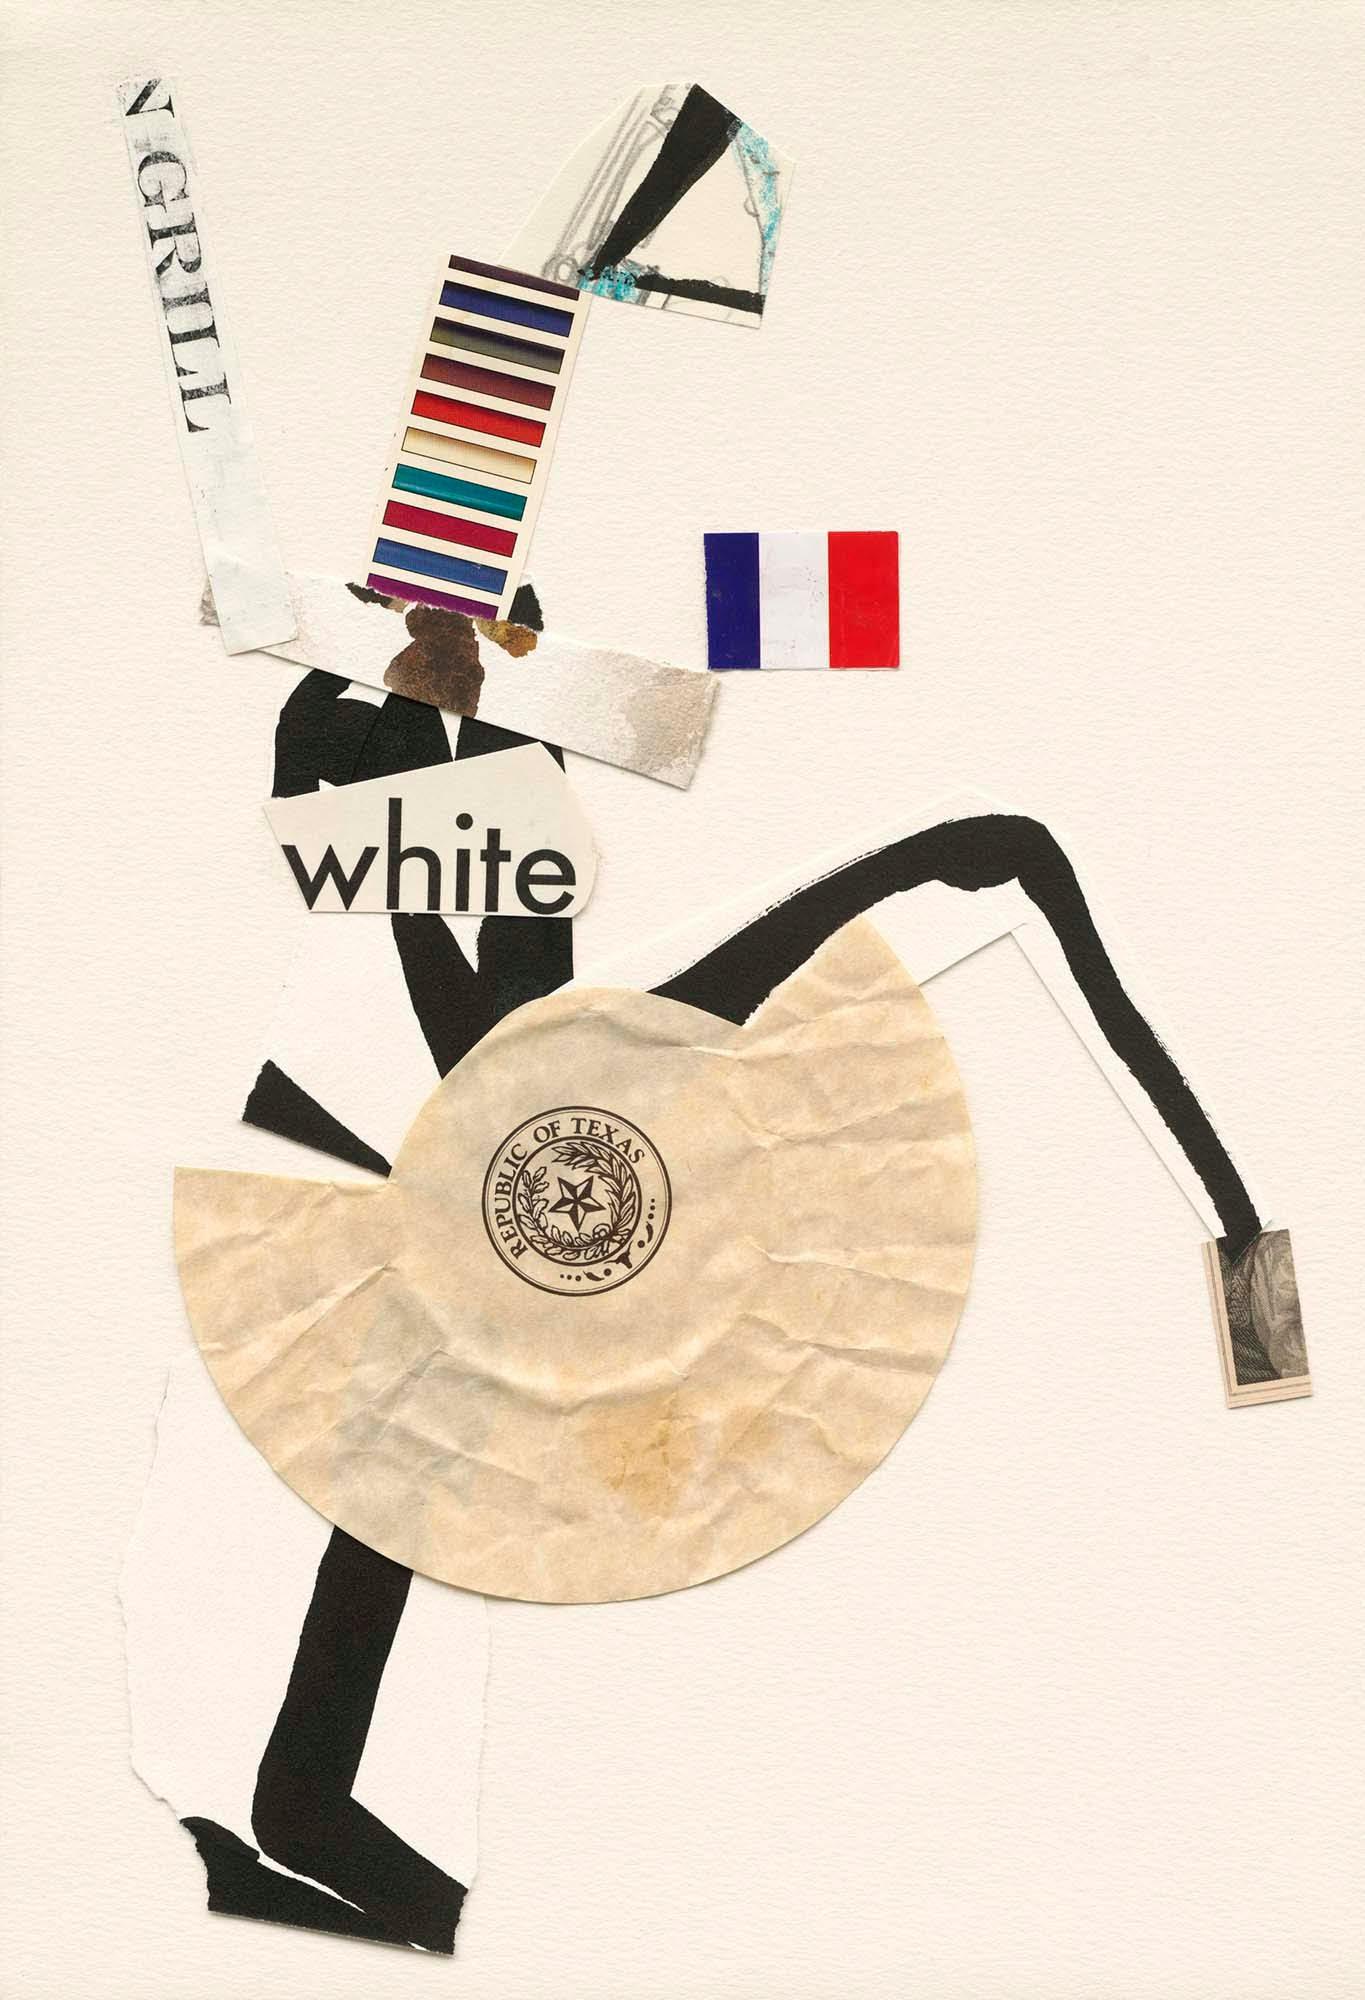 White, Mix Media Collage Series